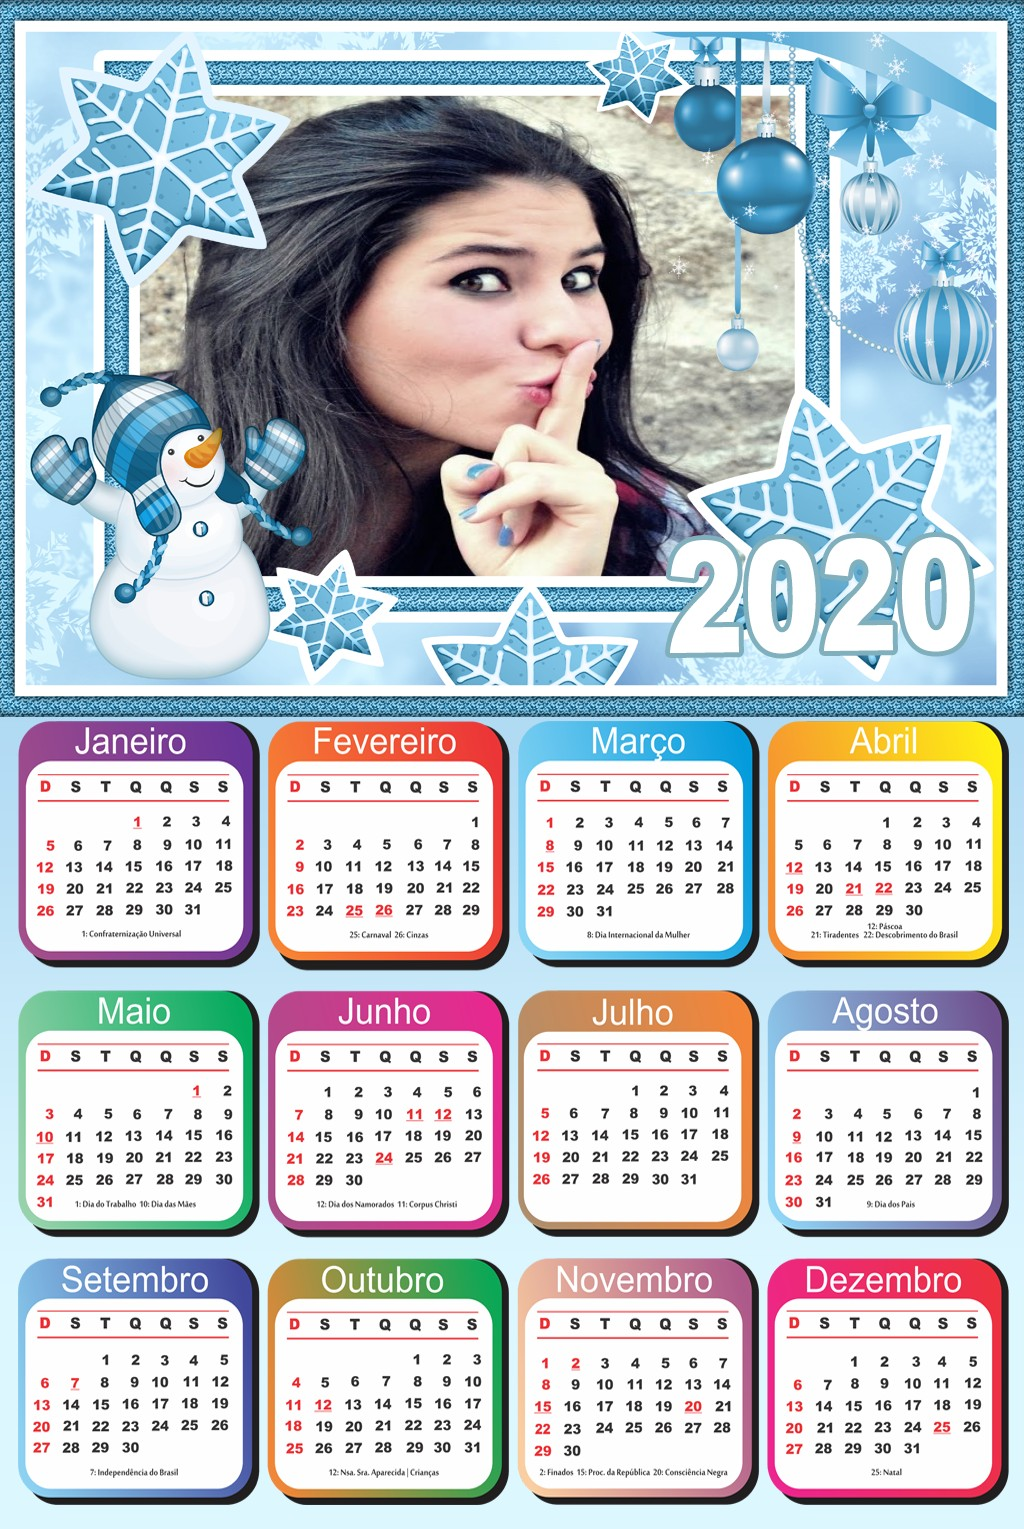 moldura-de-natal-com-boneco-de-neve-2020